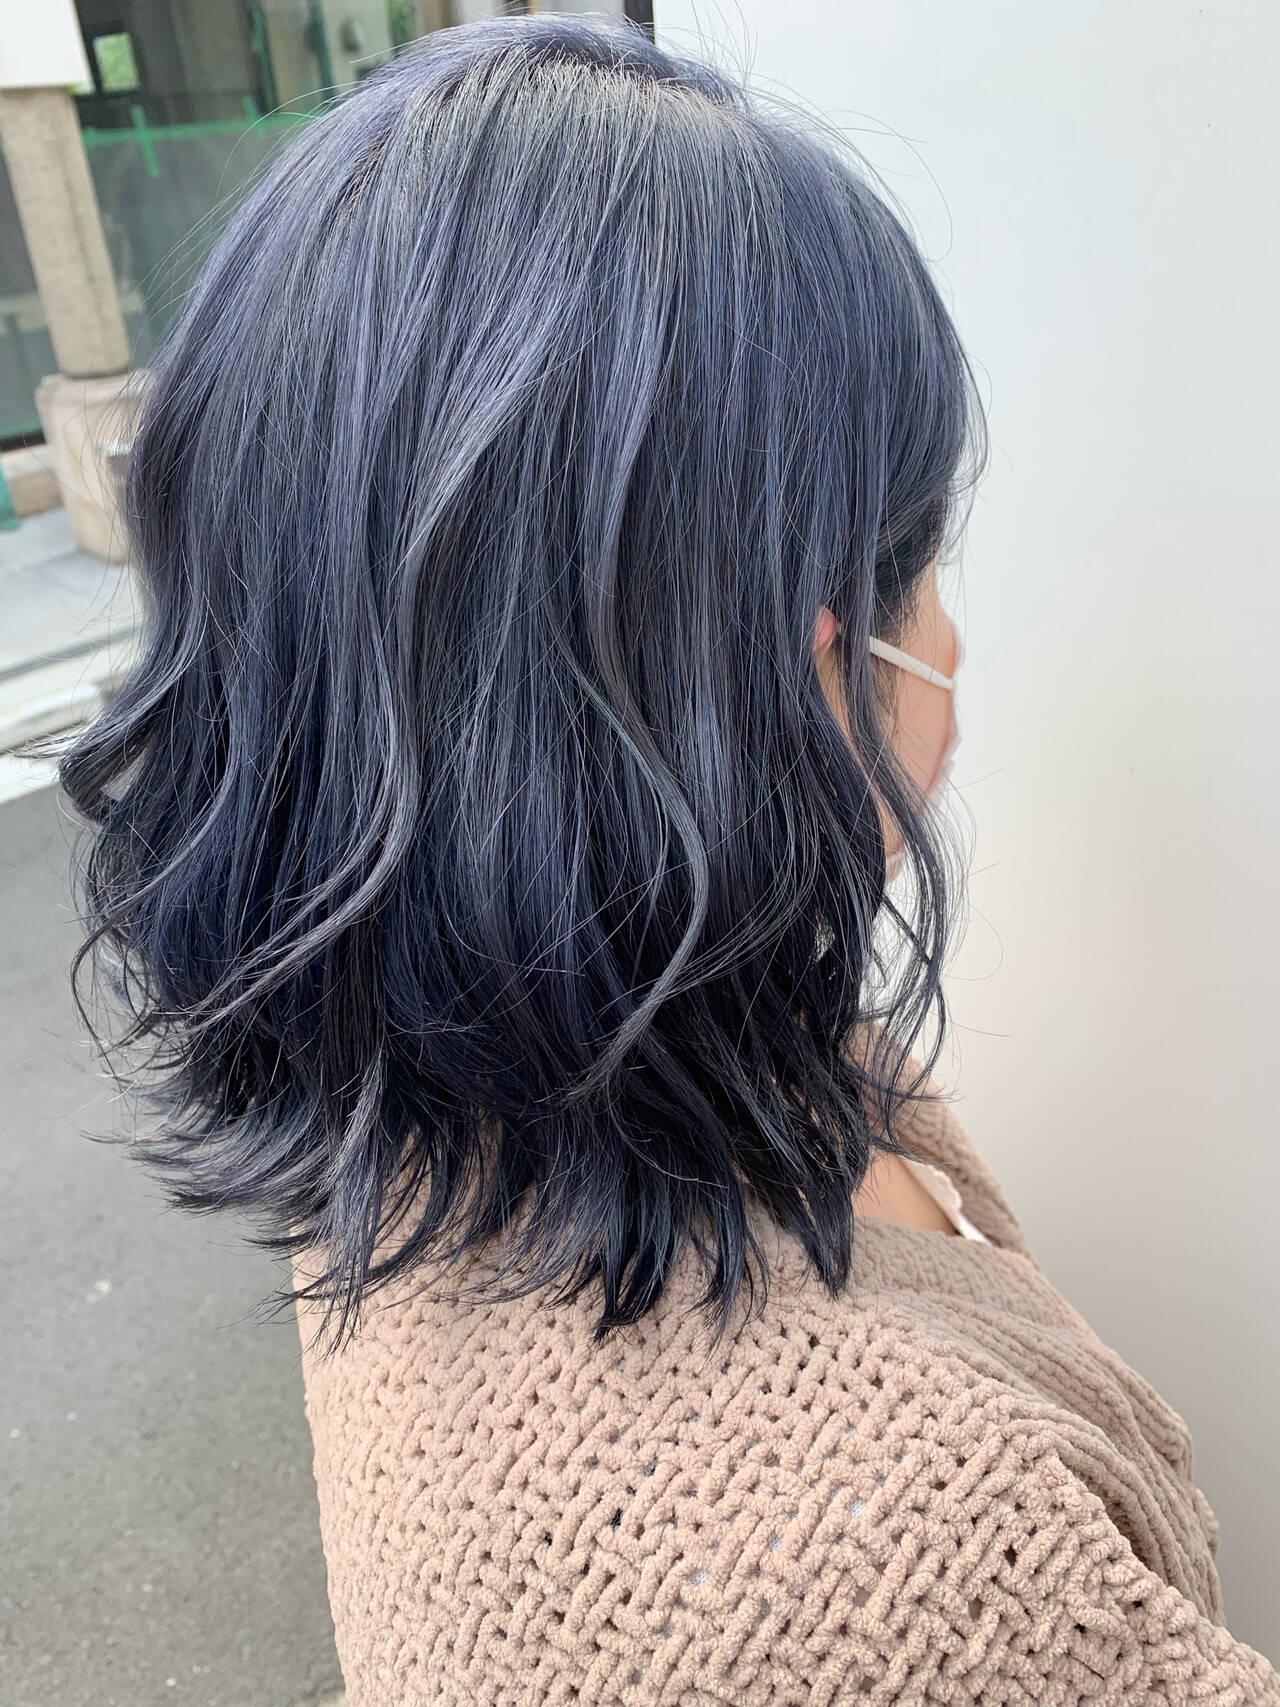 ボブ ブルージュ ブルー ネイビーアッシュヘアスタイルや髪型の写真・画像